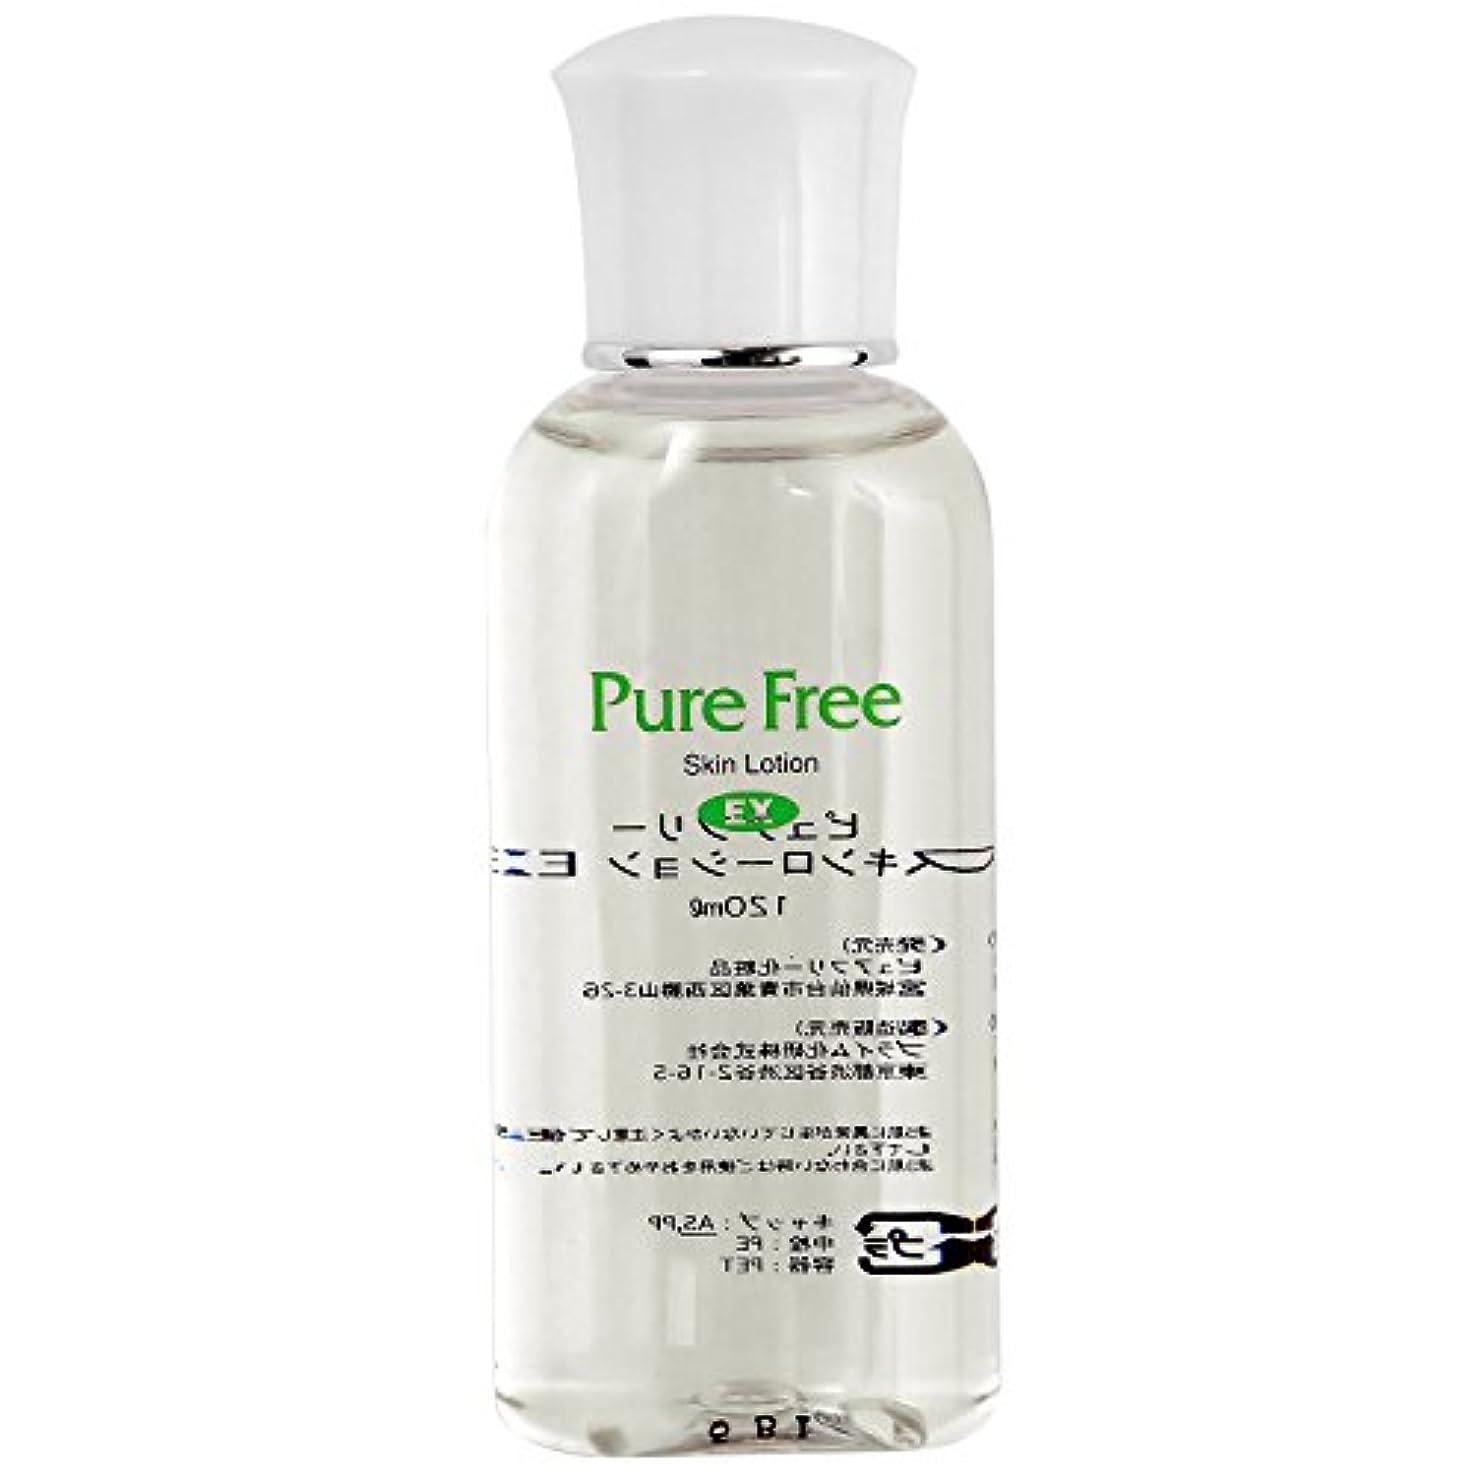 モザイク処方する最後にPure Free (ピュアフリー) スキンローションEX 正規品 化粧水 保湿用水分 オーガニック